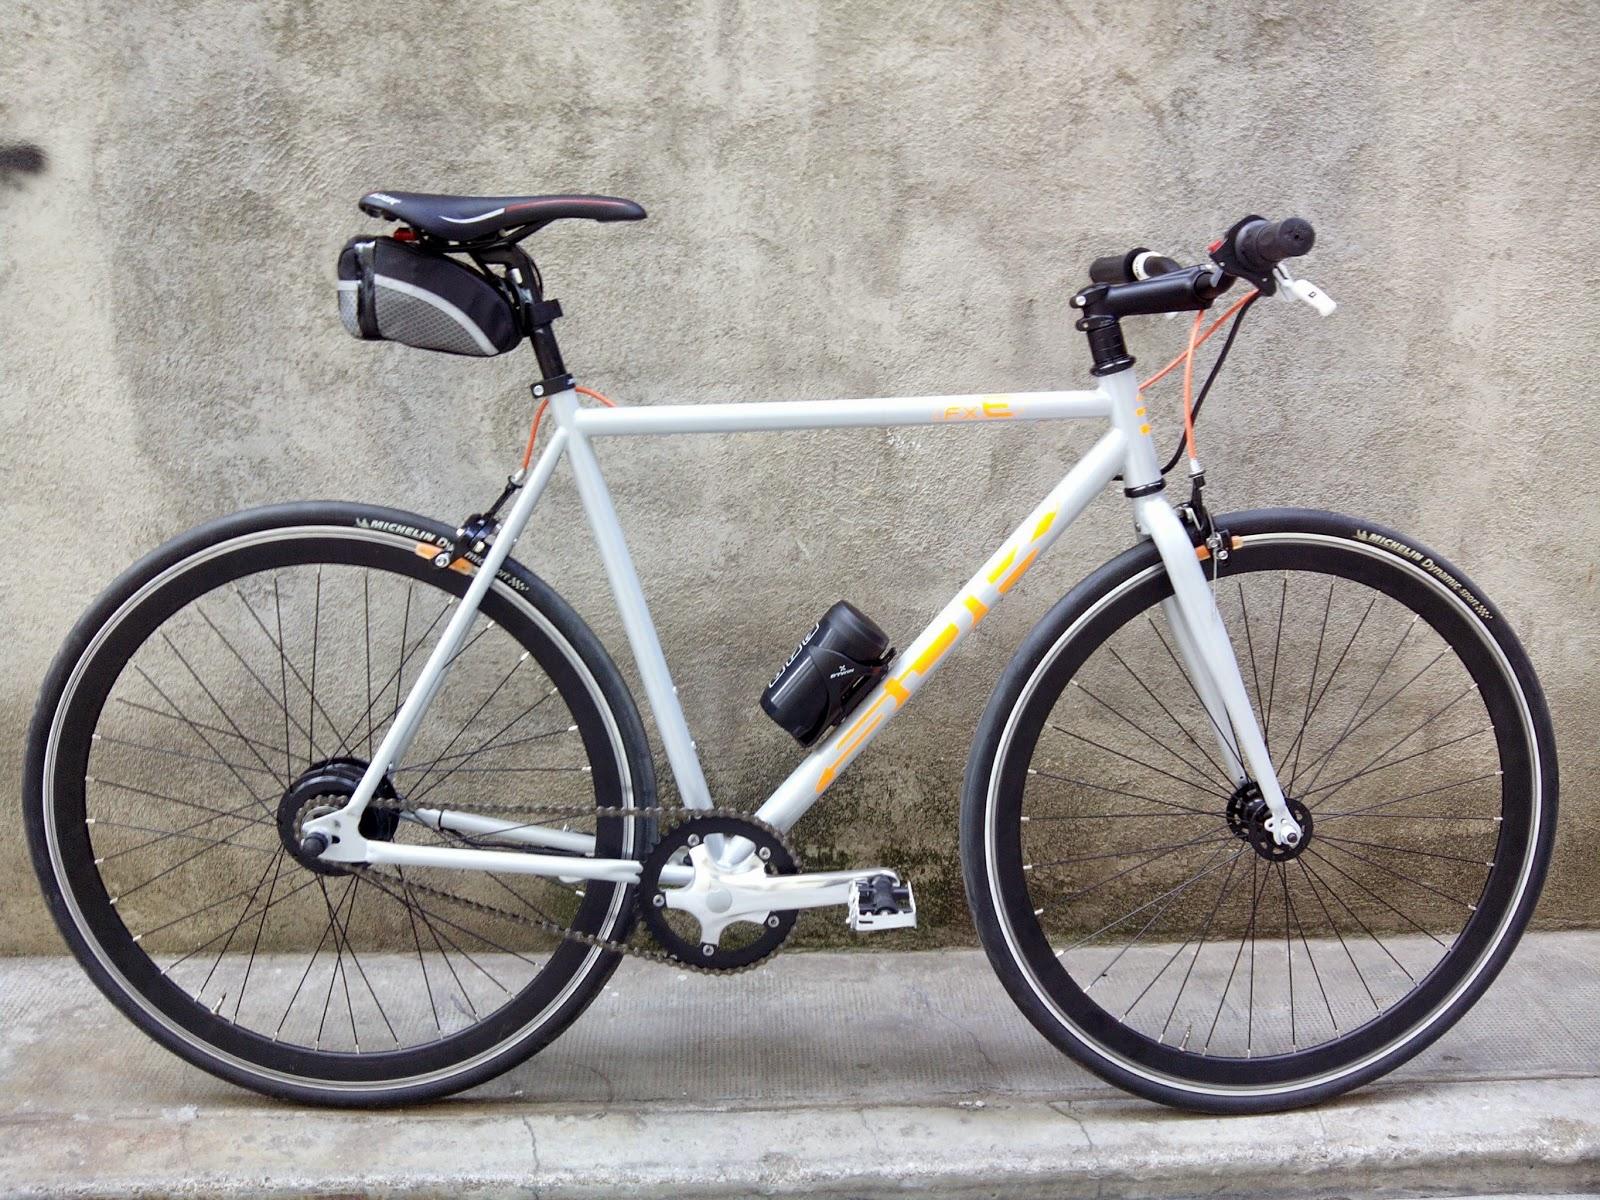 Buscando bici eléctrica plegable por Barcelona IMG_20141101_123233